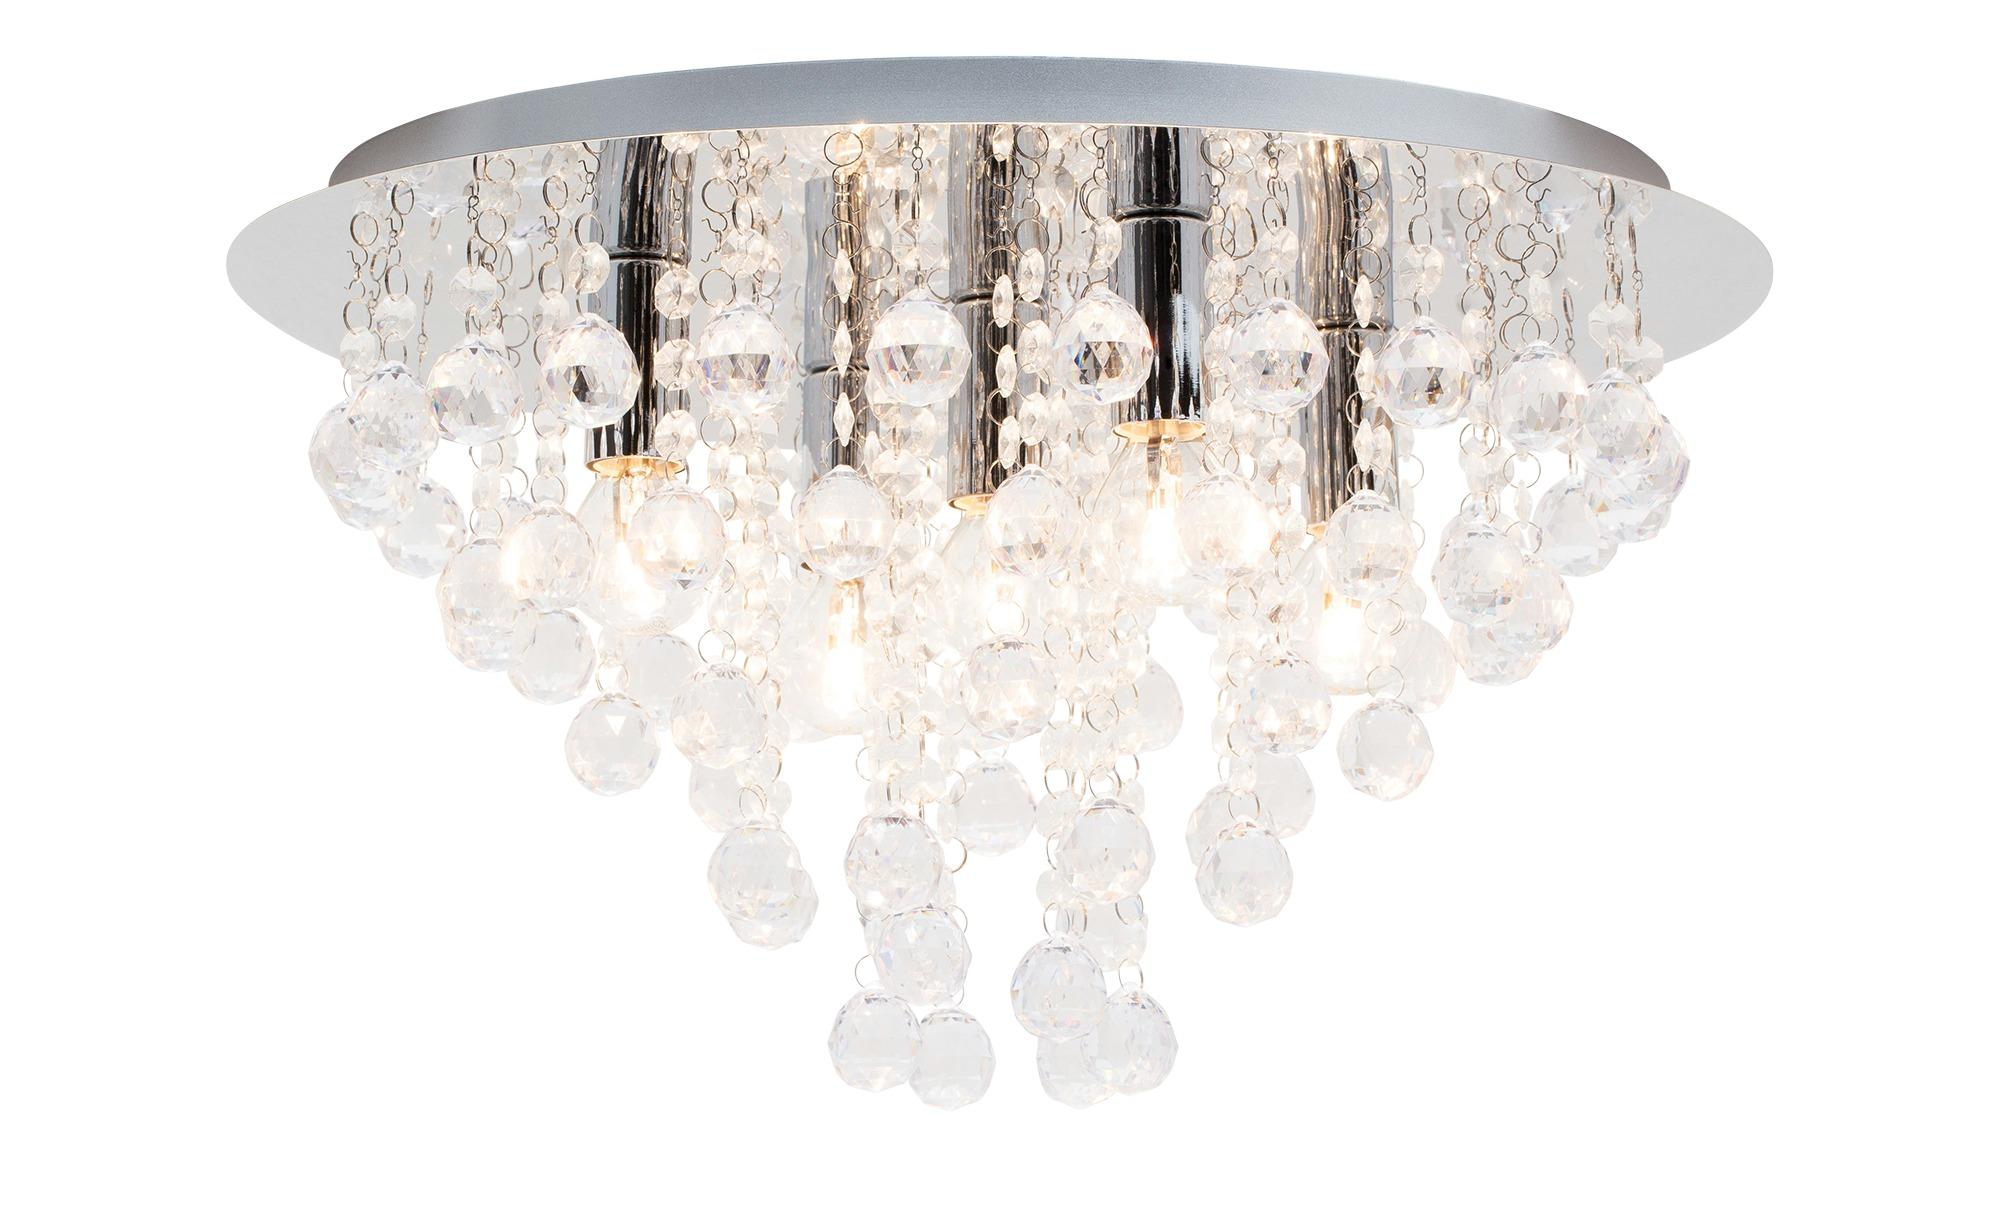 Deckenleuchte rund mit Glaselementen ¦ silber ¦ Maße (cm): H: 22 Ø: [46.0] Lampen & Leuchten > Innenleuchten > Deckenleuchten - Höffner